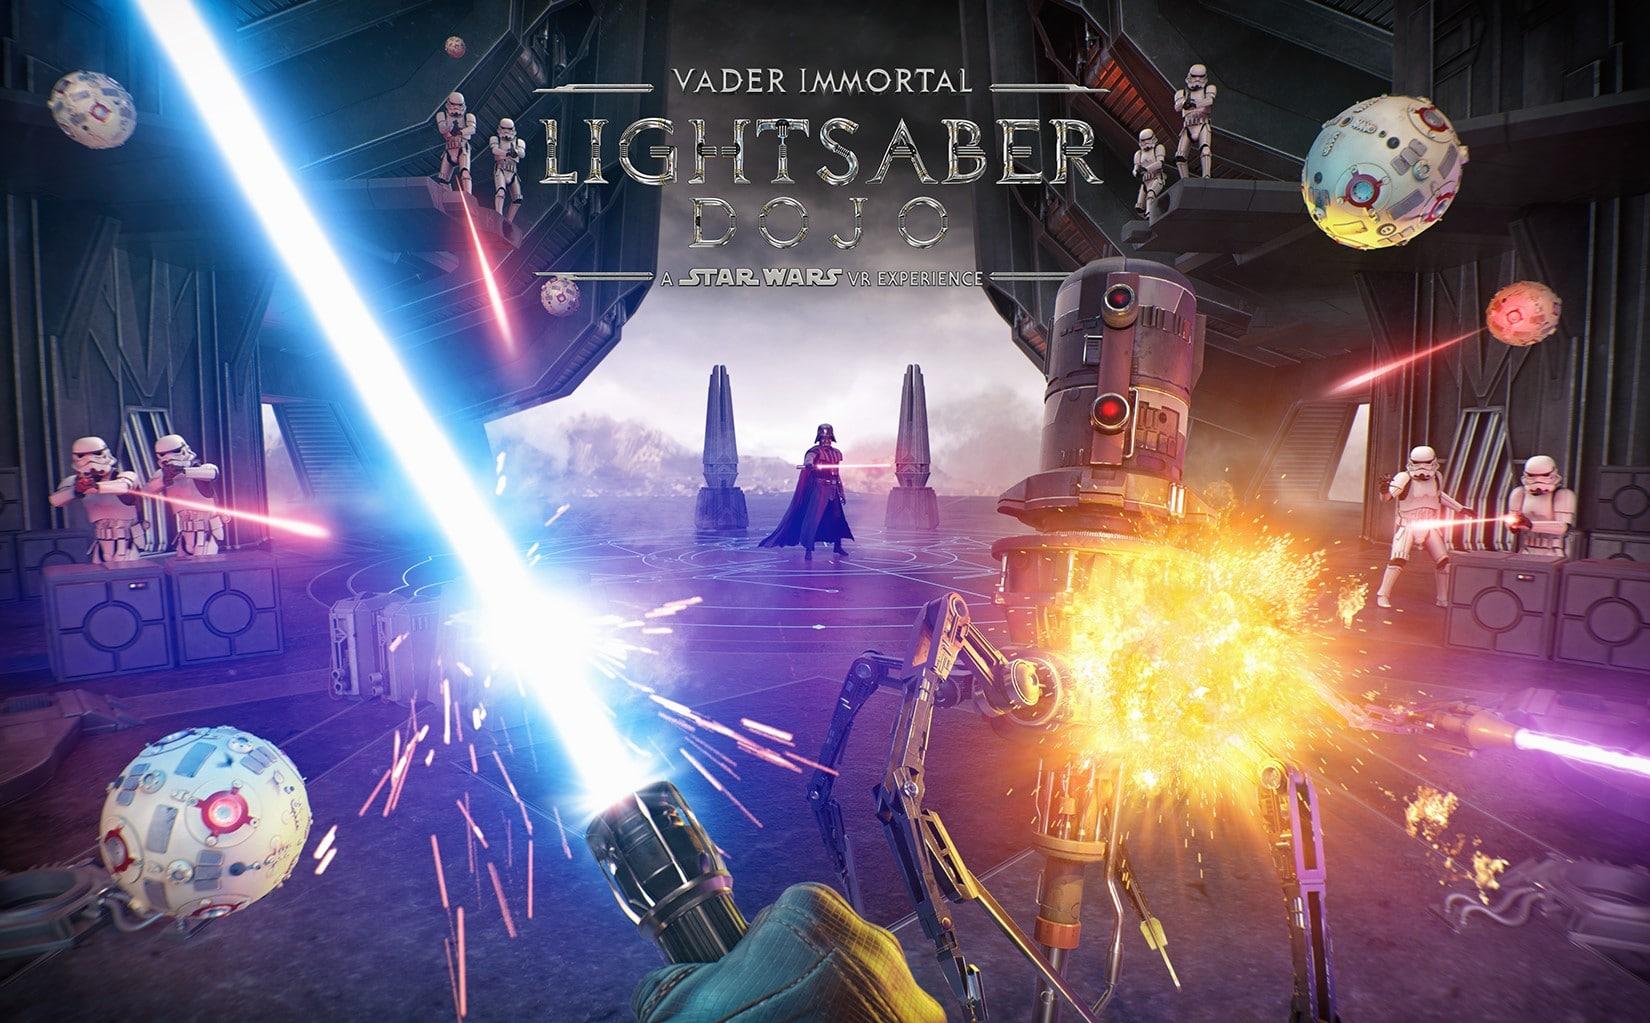 Vader Immortal Lightsaber Dojo Poster (Horizontal)